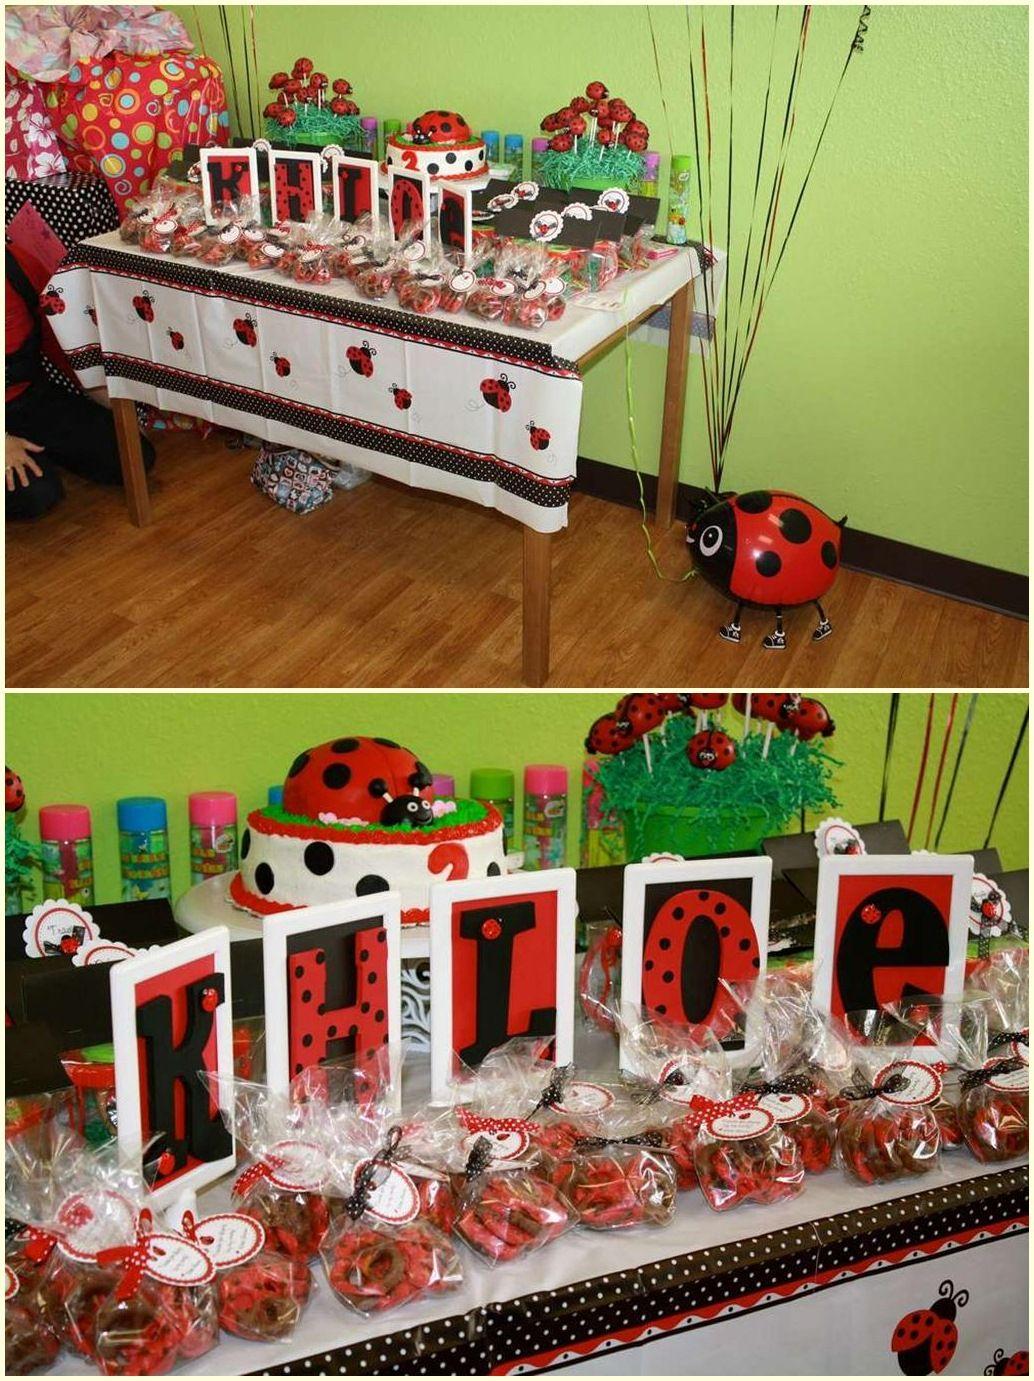 Ladybug Party Ideas Decorations Ladybug Party Food Ideas Recipes ...